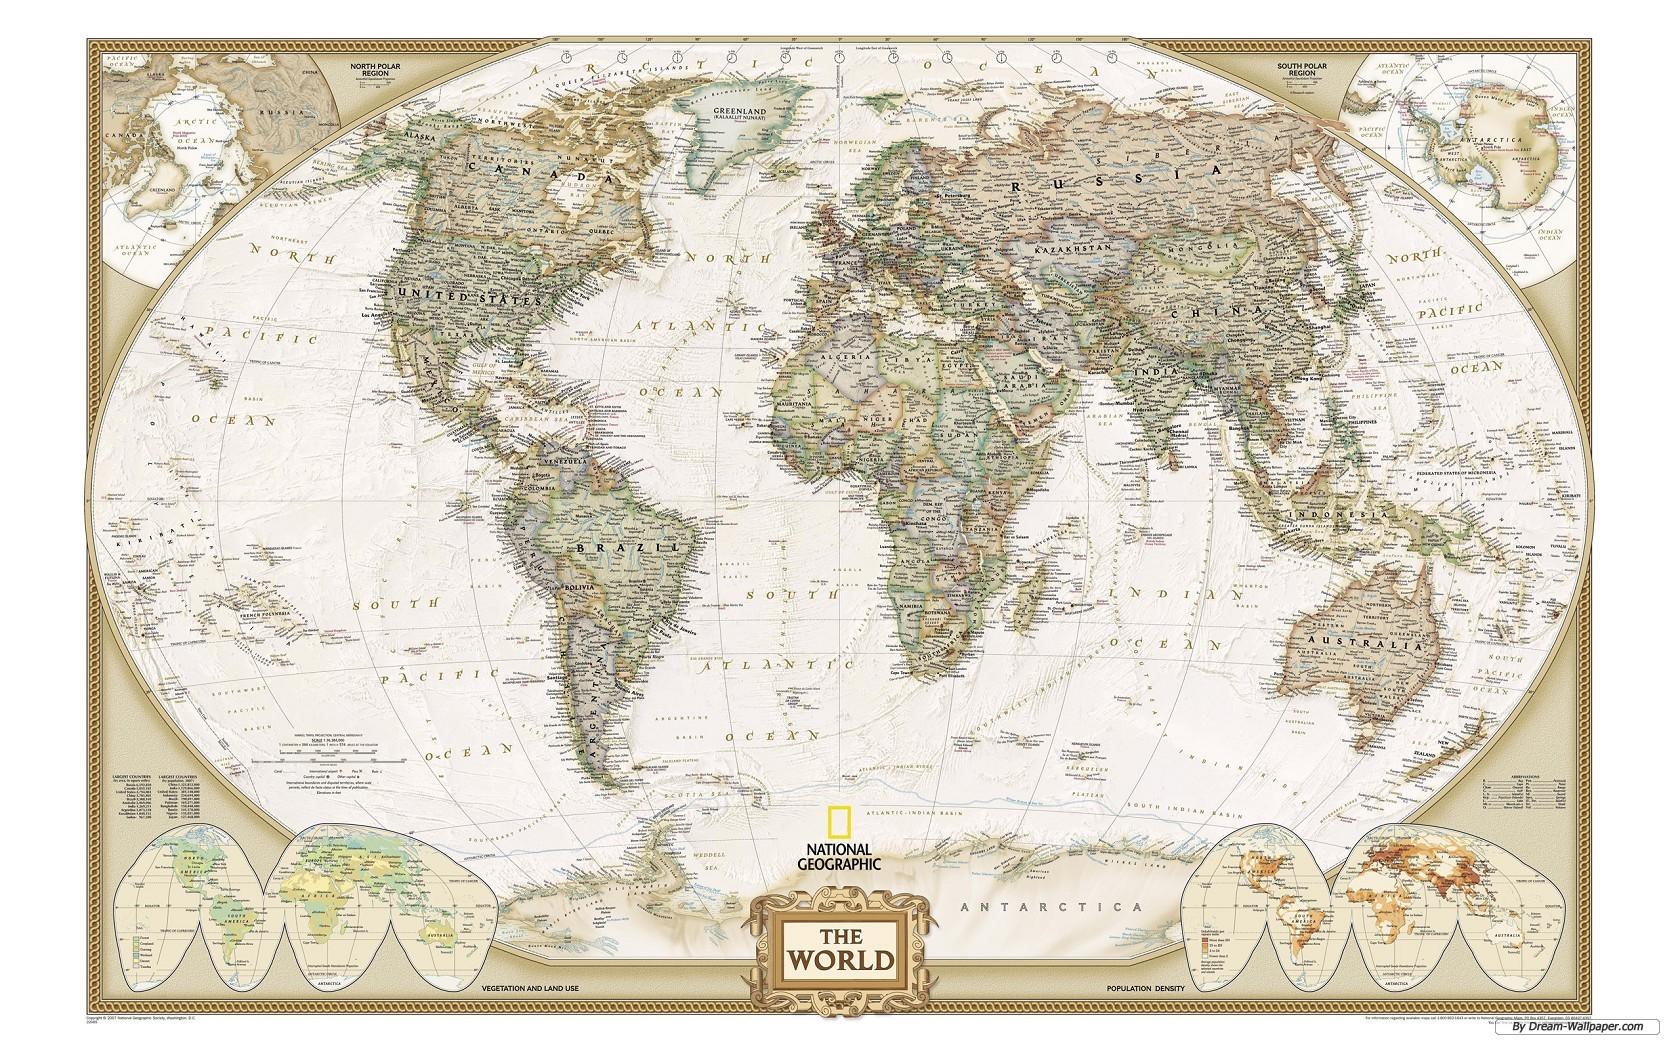 wallpaper   World Map wallpaper   1680x1050 wallpaper   Index 13 1680x1050